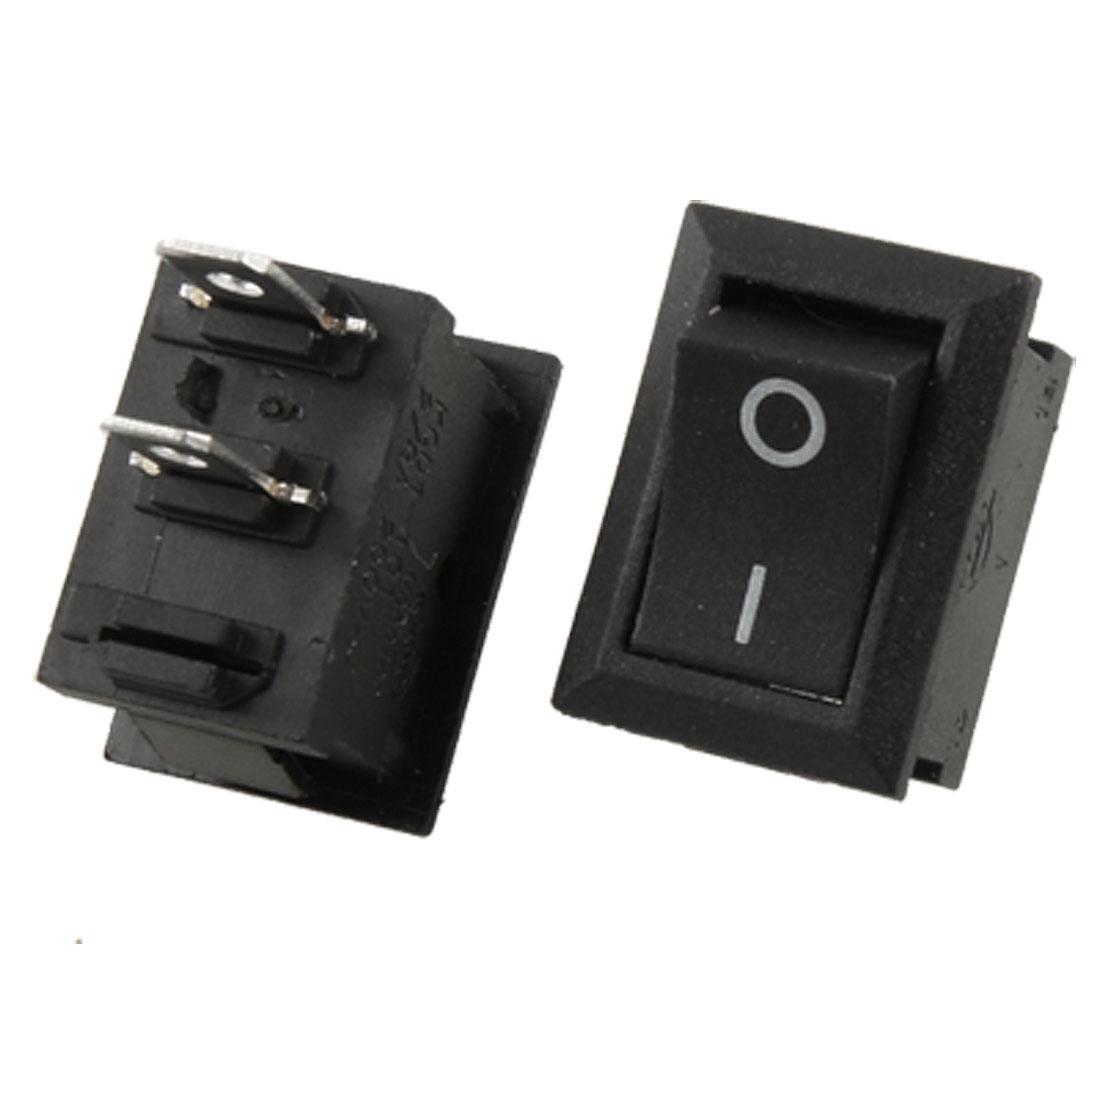 3 x AC 250V 8A ON/OFF I/O 2 Position SPST 2 Pin Snap in Boat Rocker Switch Black